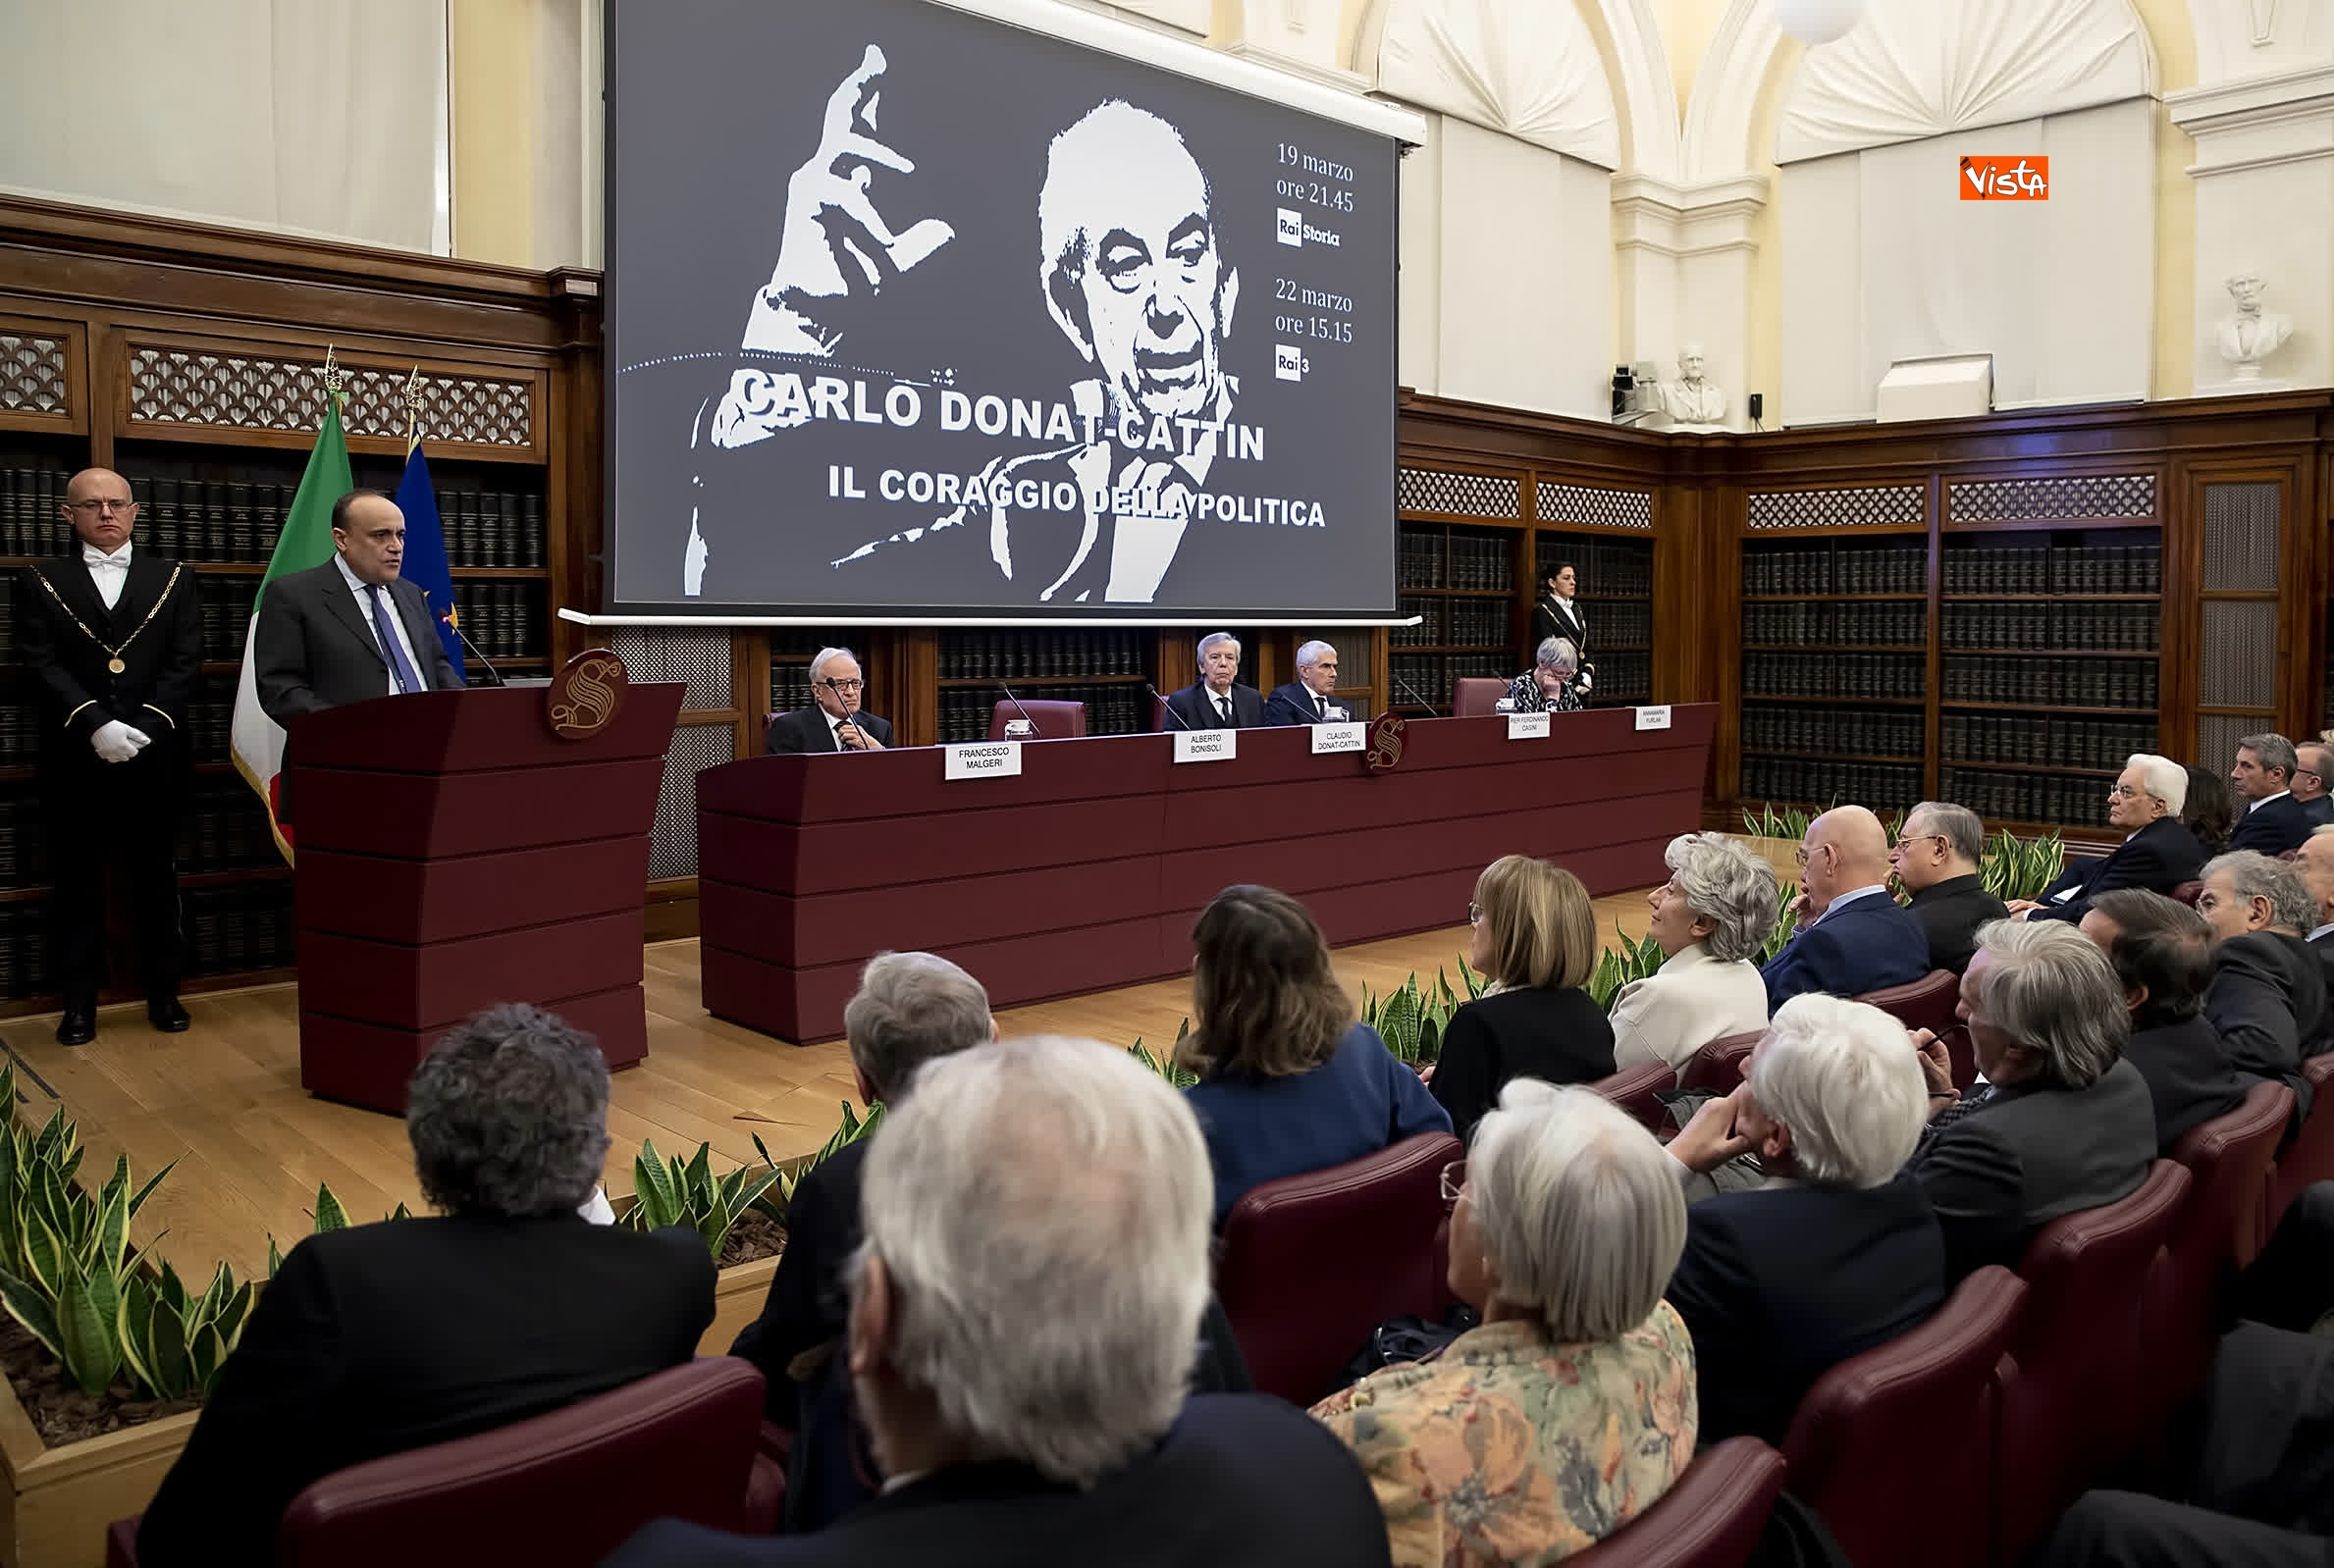 14-03-19 Mattarella partecipa alla cerimonia commemorativa del Sen_04. Carlo Donat-Cattin